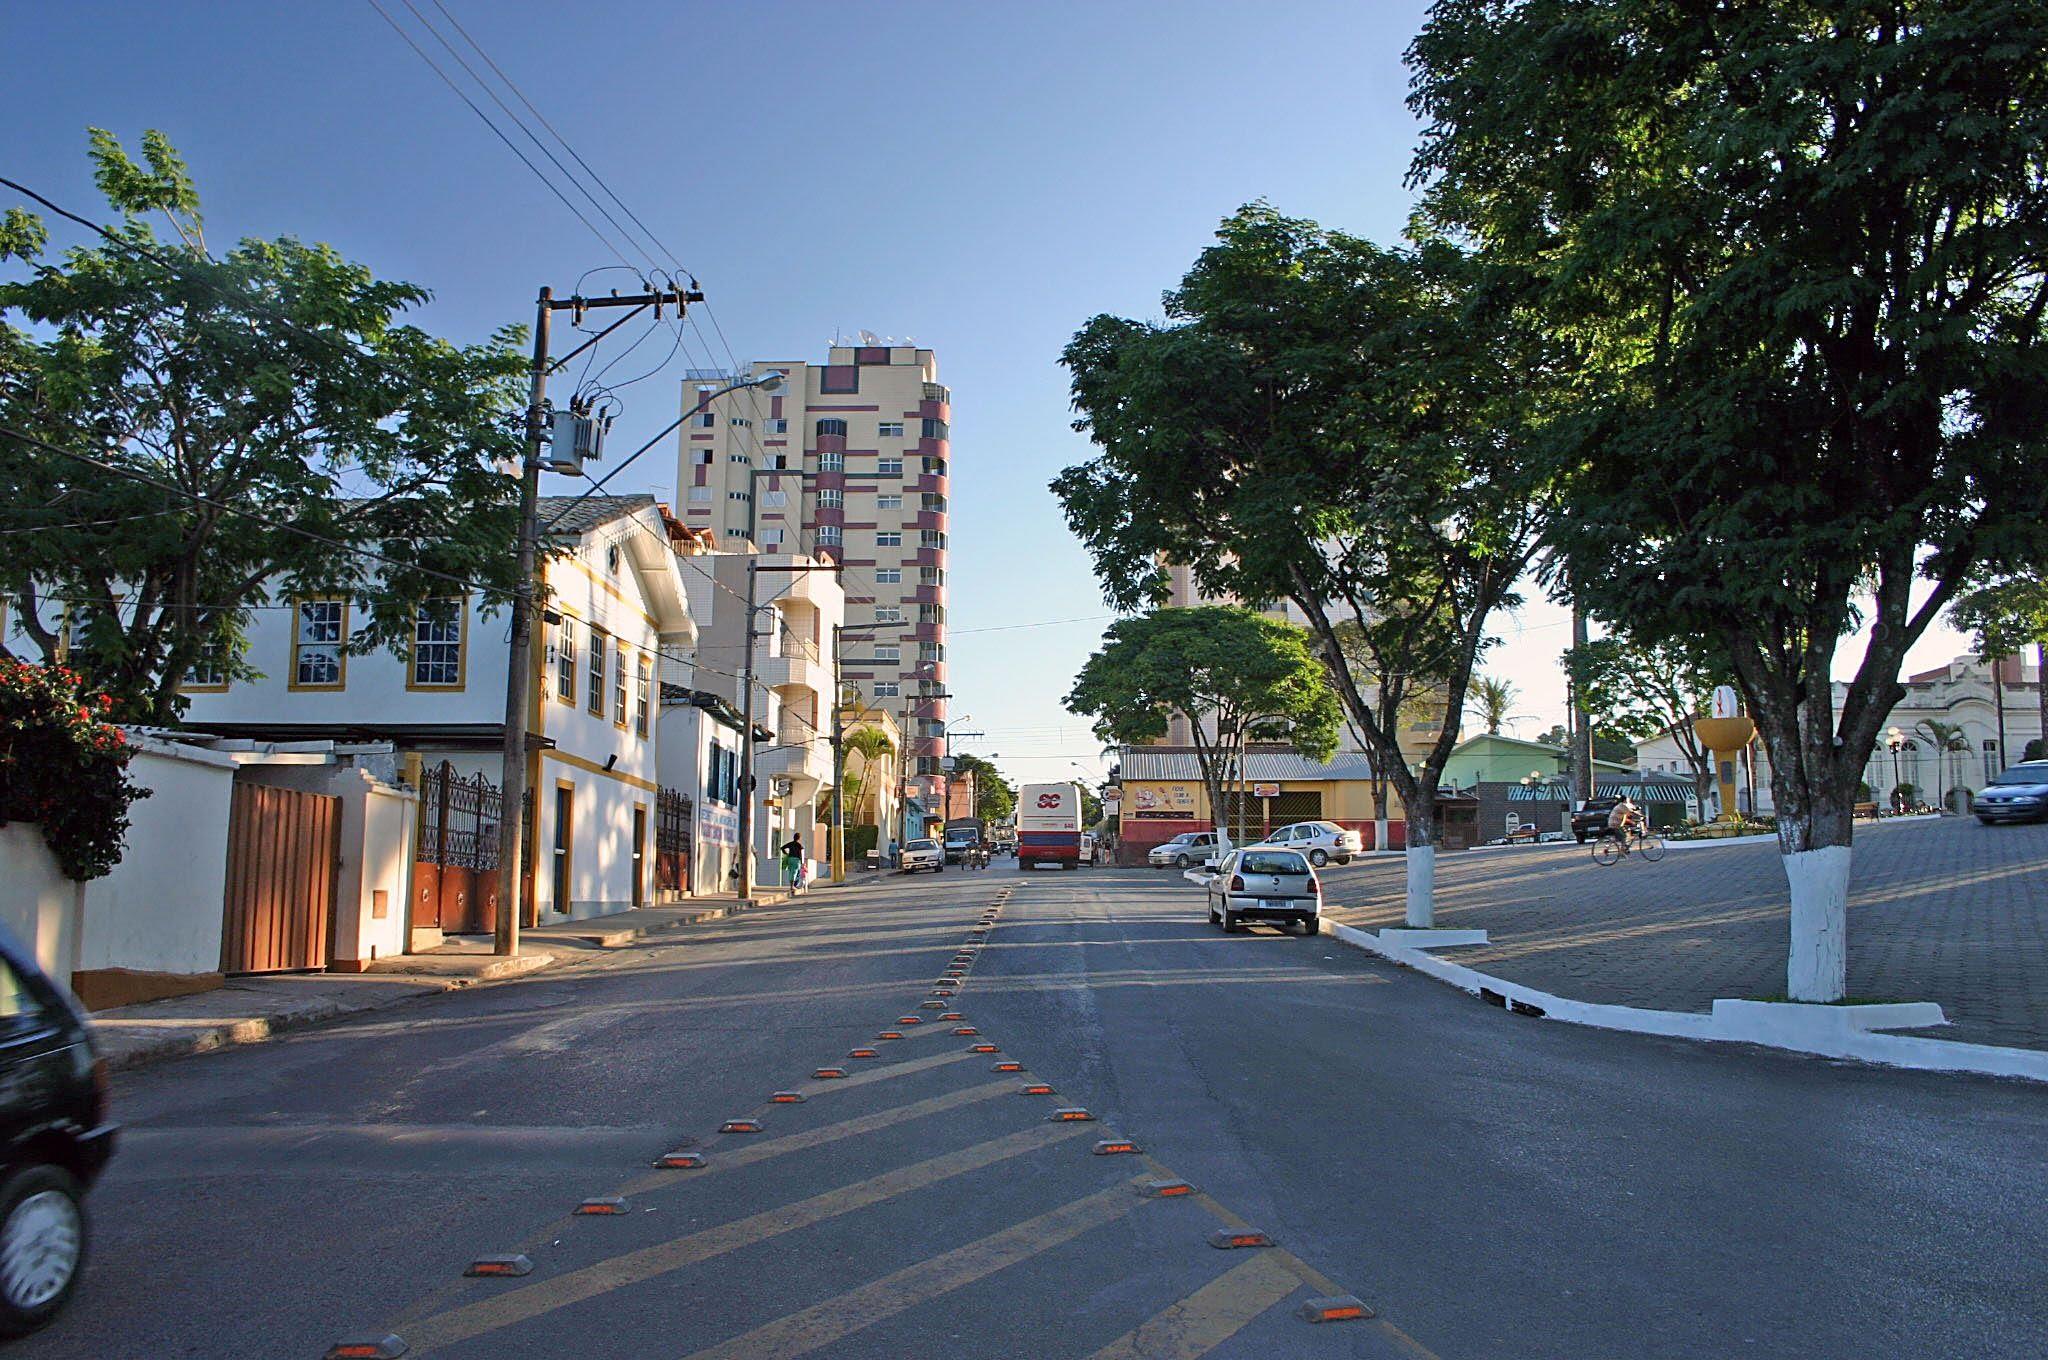 Santo Antônio do Monte Minas Gerais fonte: www.jornalcidademg.com.br